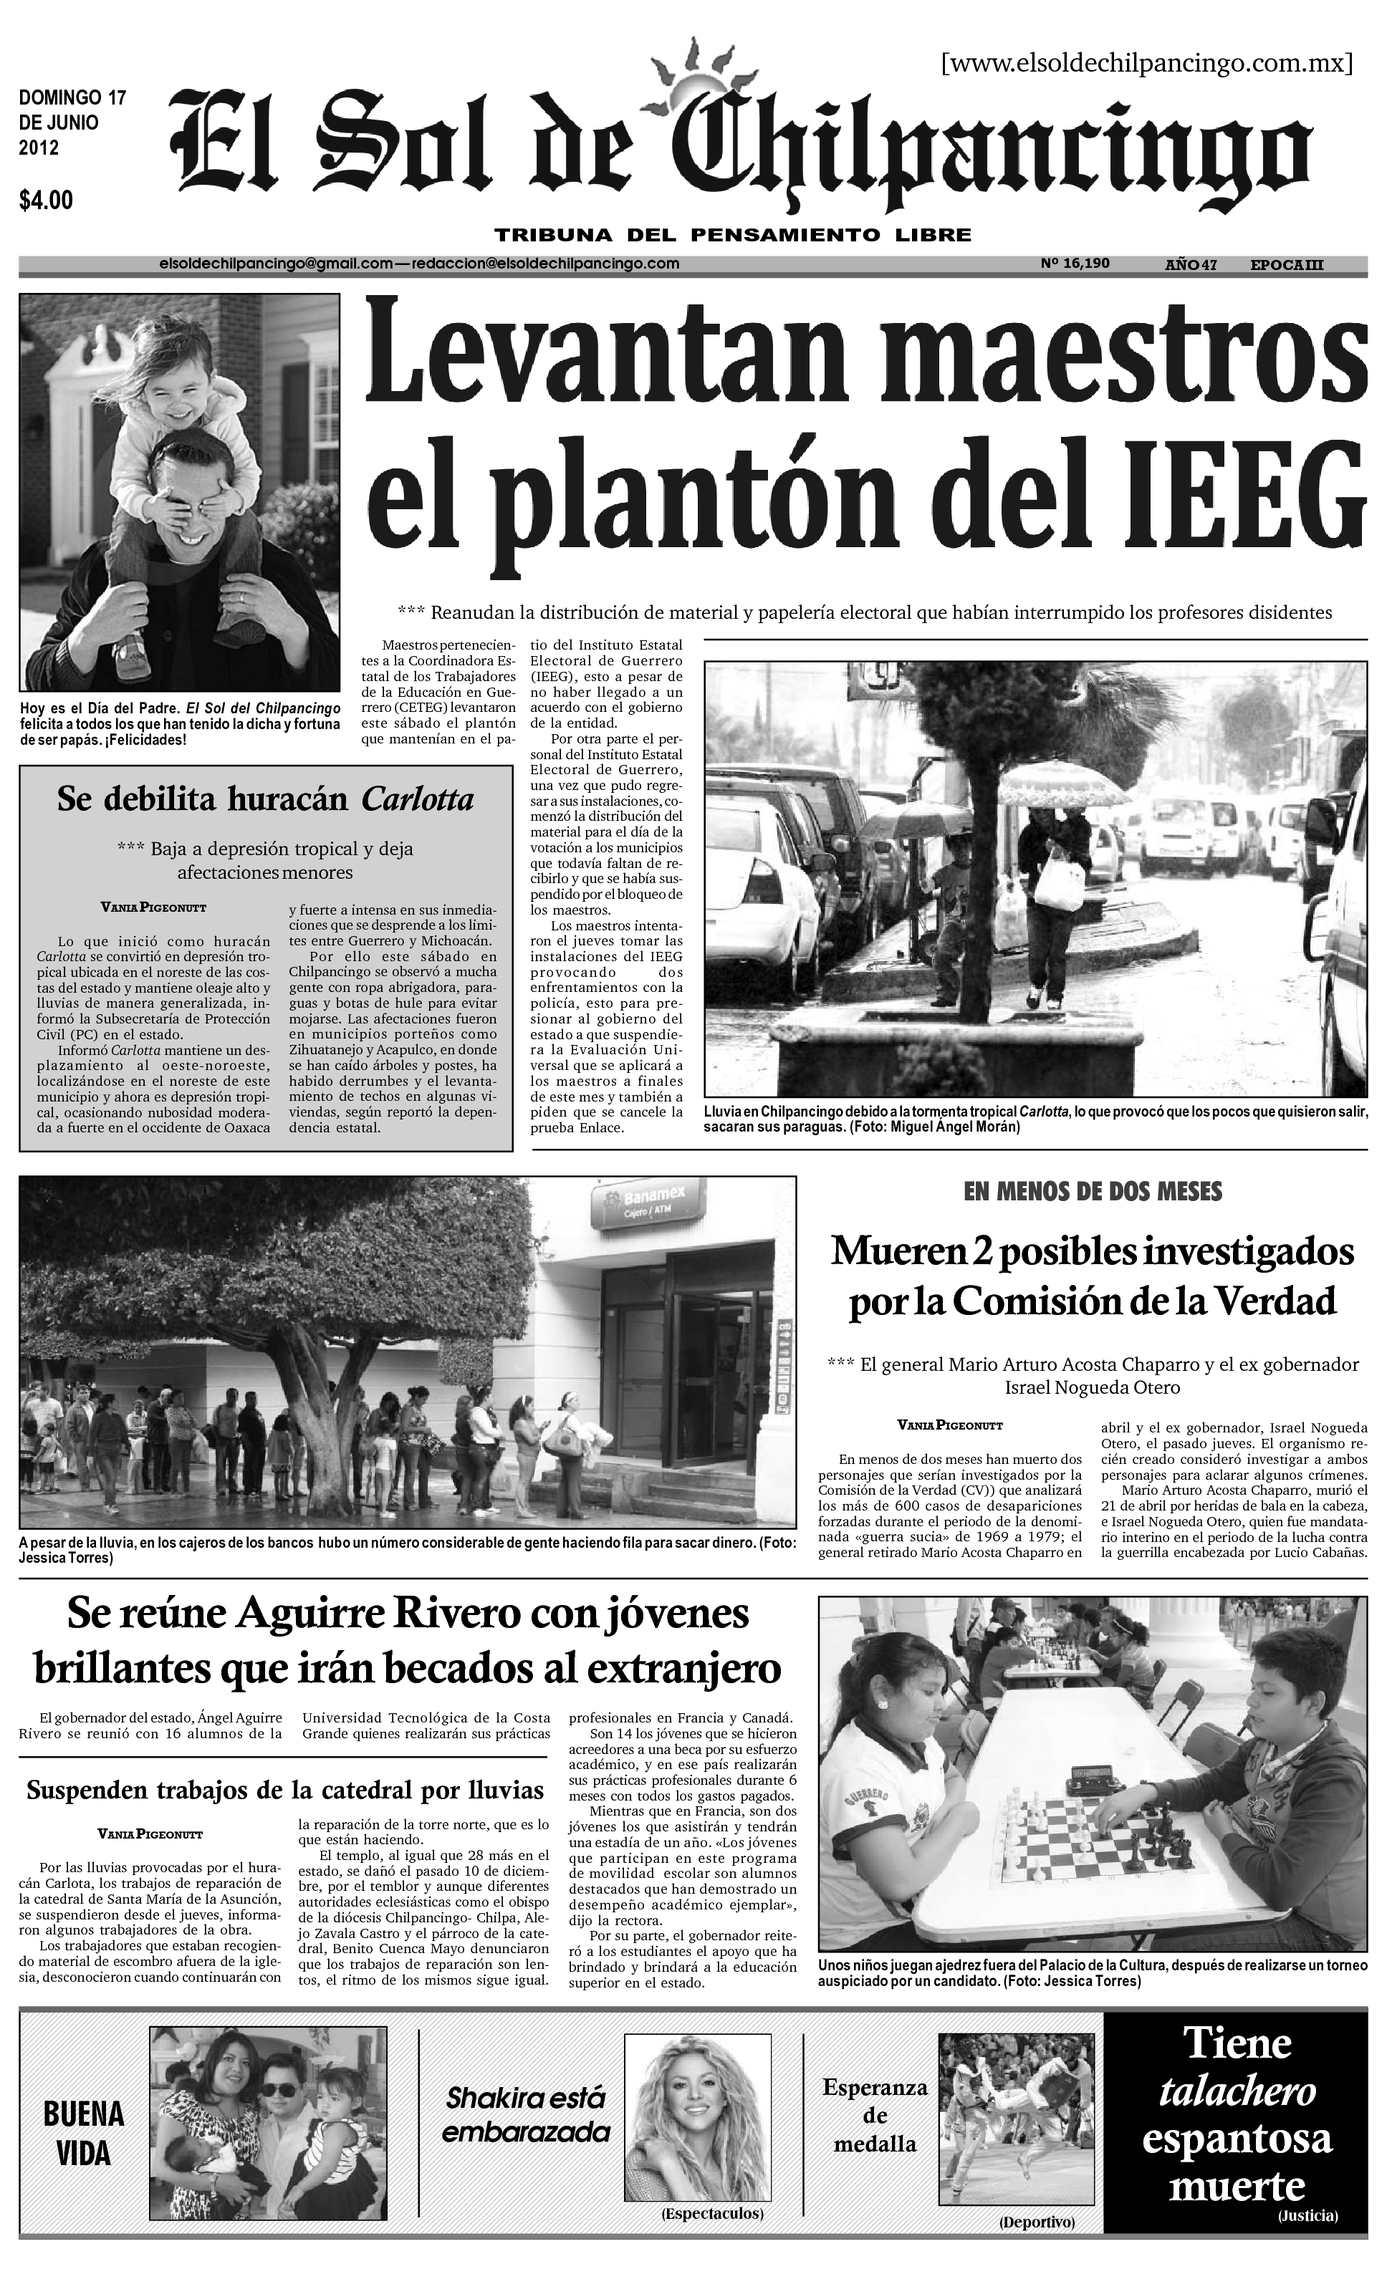 Calaméo - El Sol de Chilpancingo - 17 Junio 2012